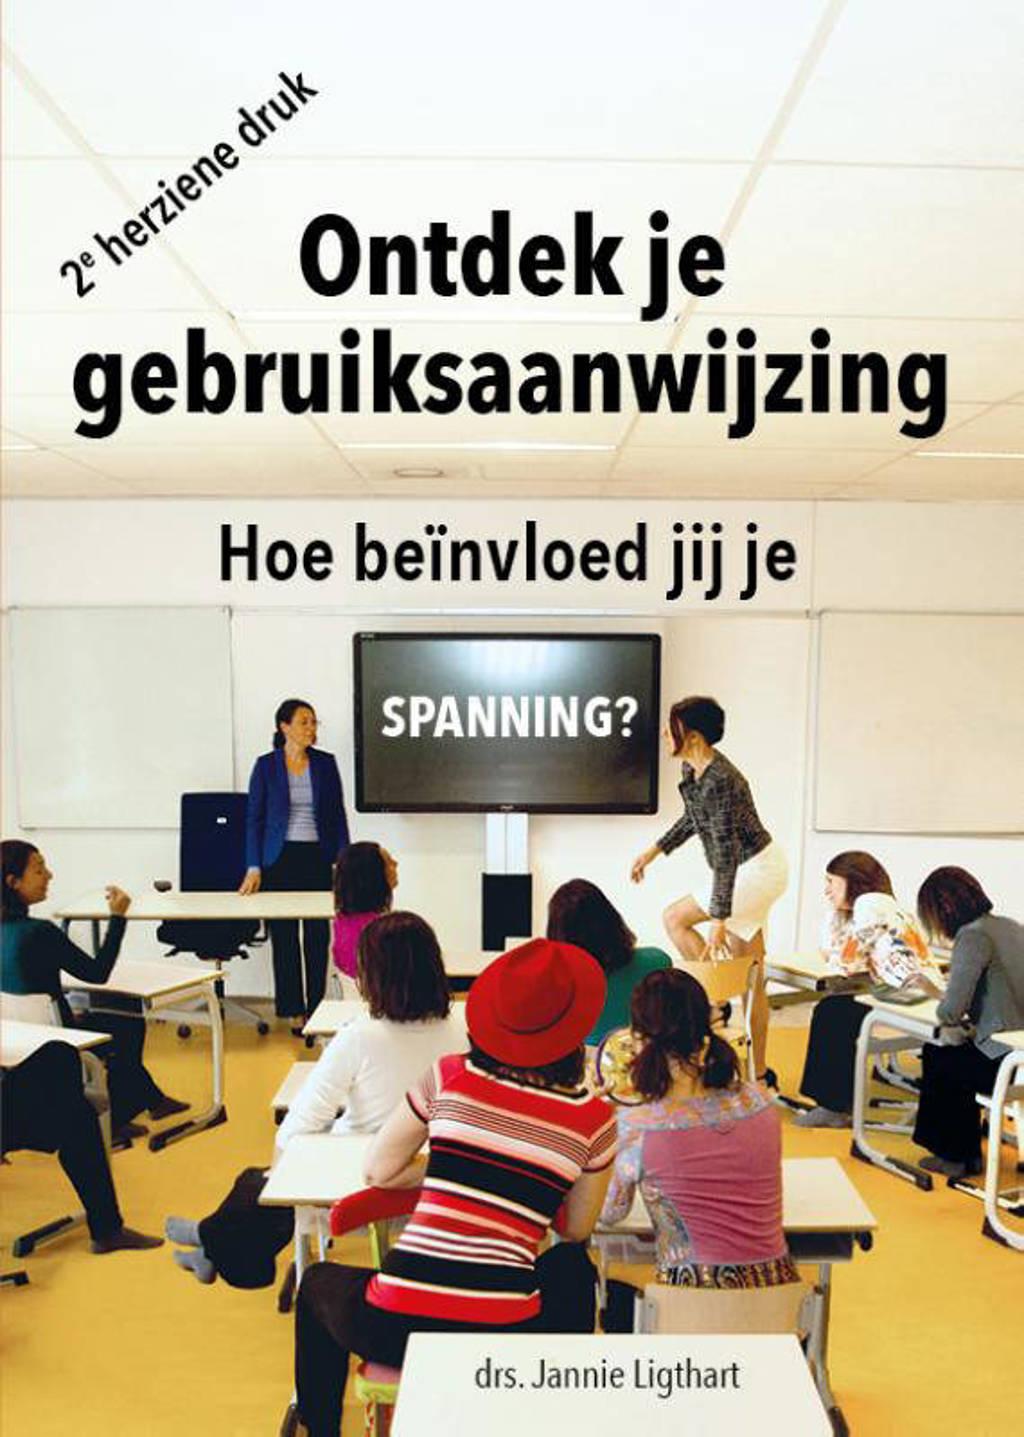 Ontdek je gebruiksaanwijzing - Jannie Ligthart